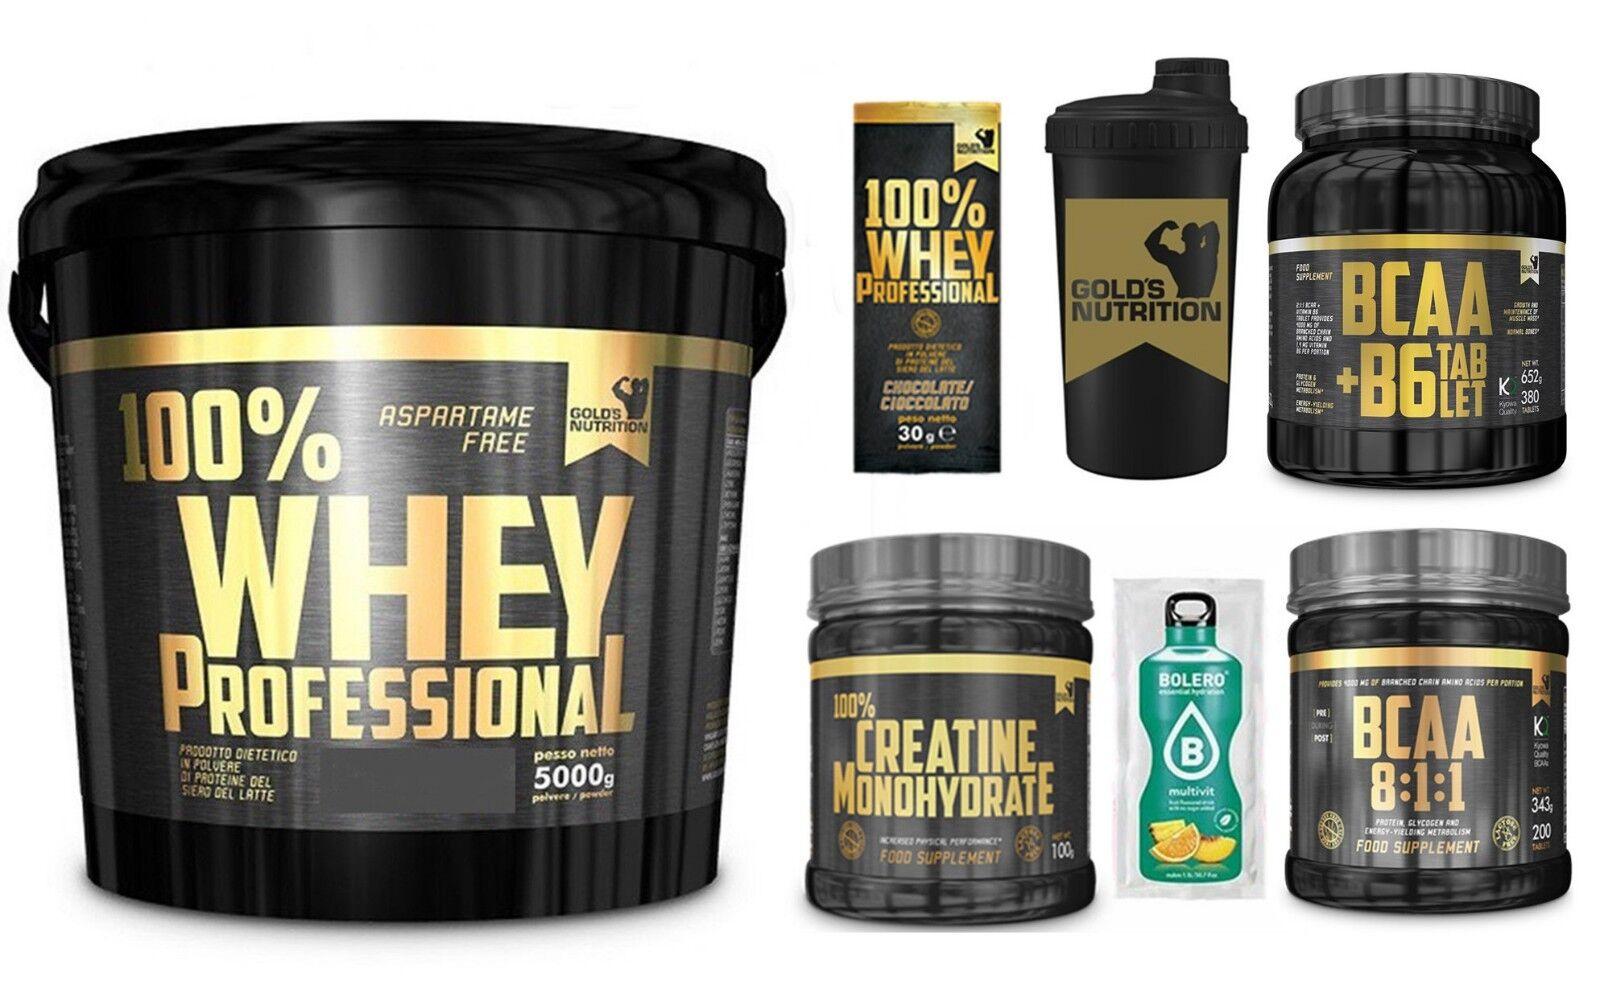 Gold's Nutrition 100% whey protein 5kg proteine siero latte+ bcaa 8:1:1 creatina